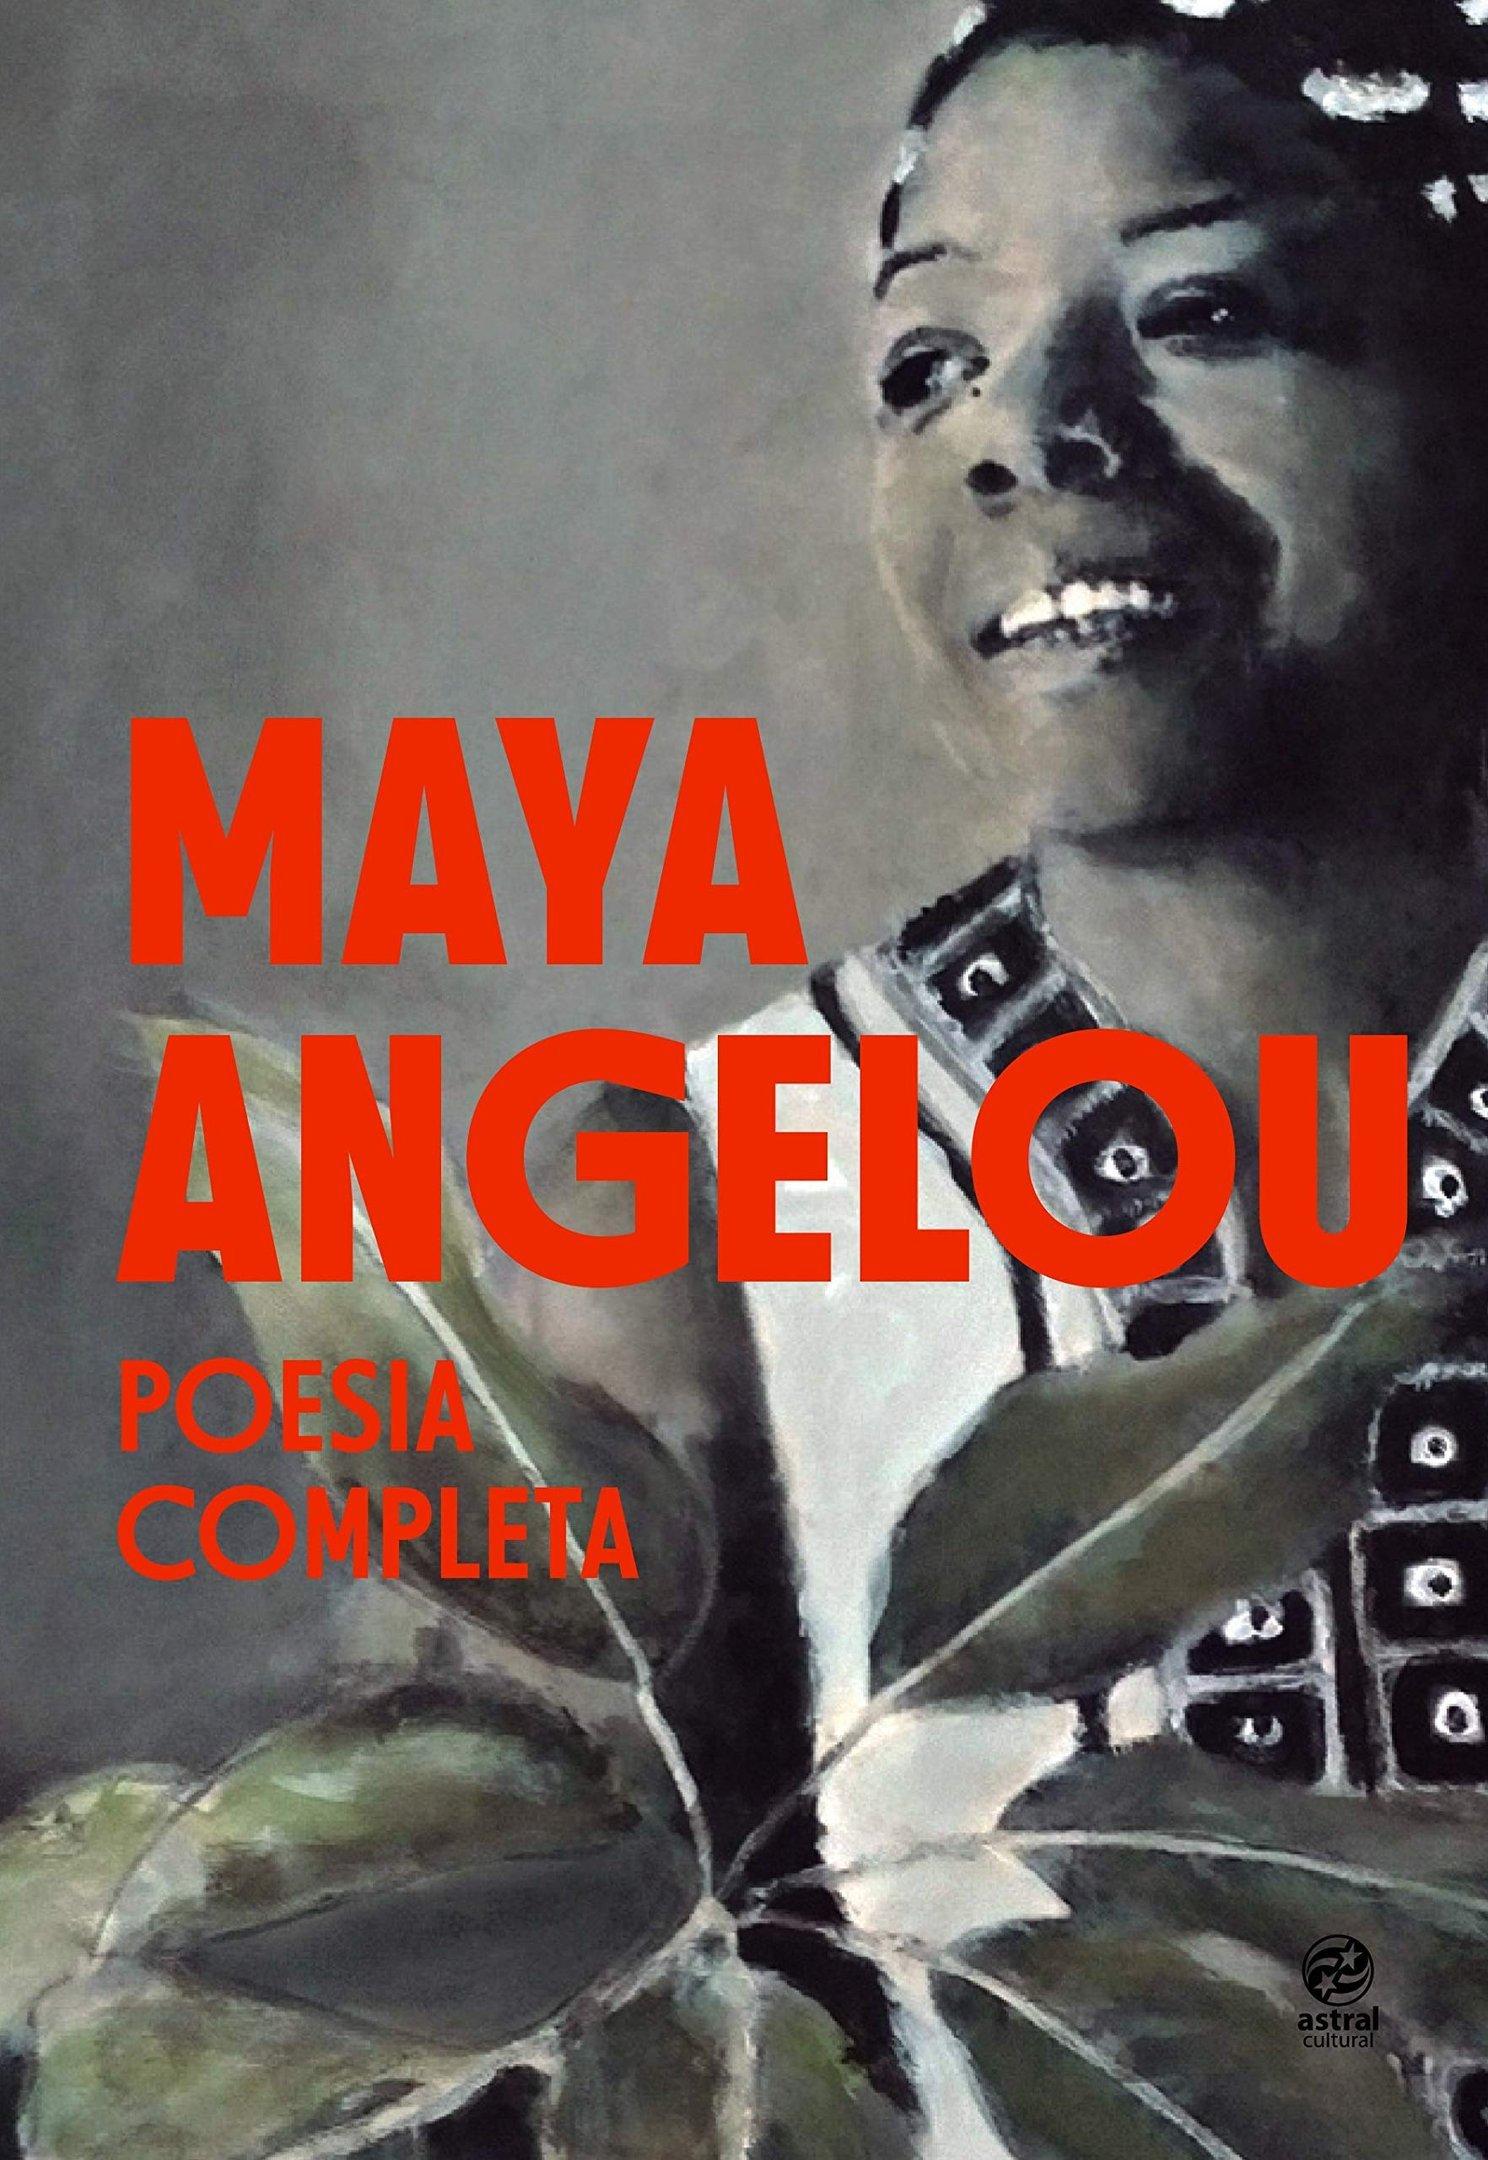 Poesia Completa, de Maya Angelou